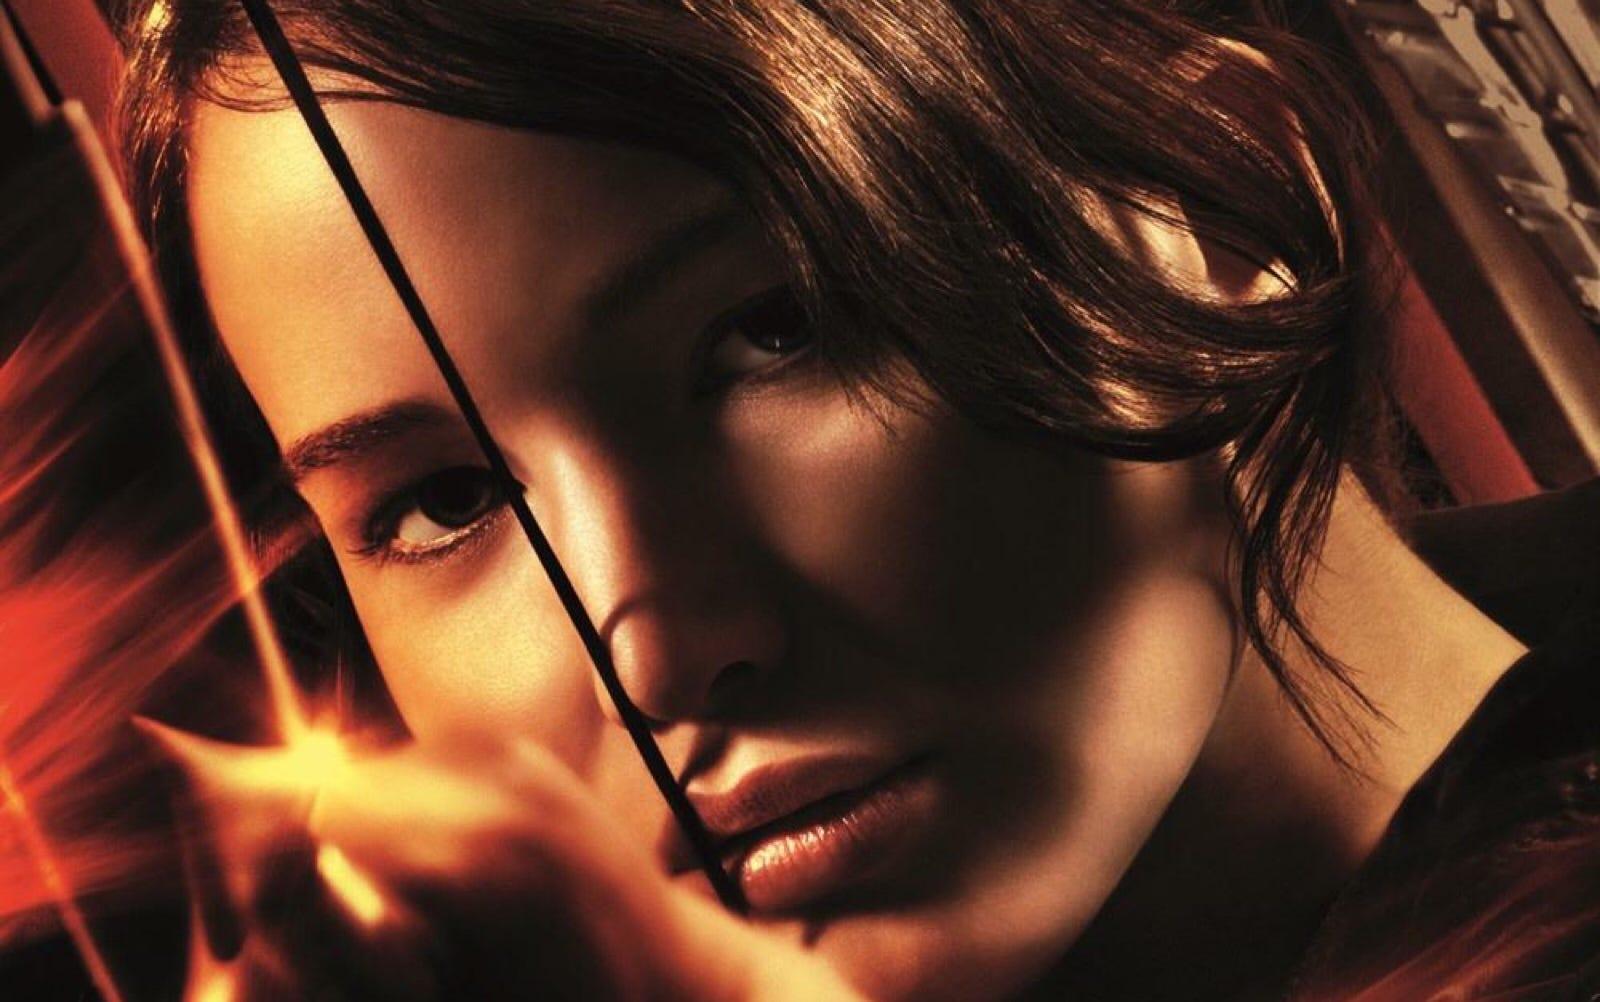 飢餓遊戲2:星火燎原 The Hunger Games: Catching Fire ~ 線上看線上看 (2013) 完整版在線〜CHINESE